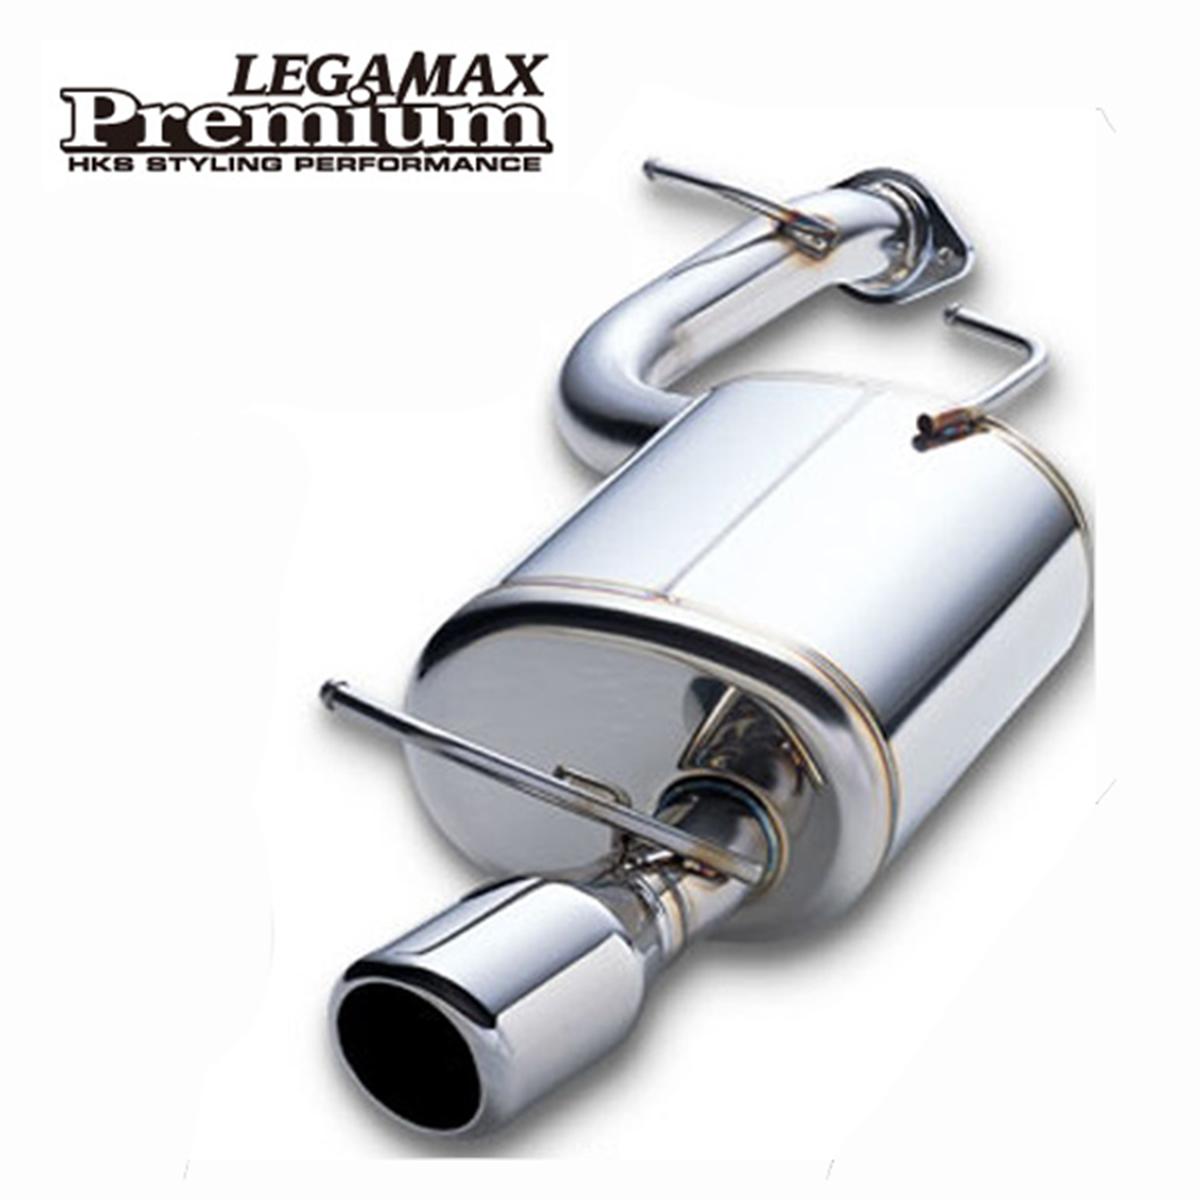 ステップワゴン マフラー DBA-RK5 HKS 32018-AH026 リーガマックスプレミアム 配送先条件有り